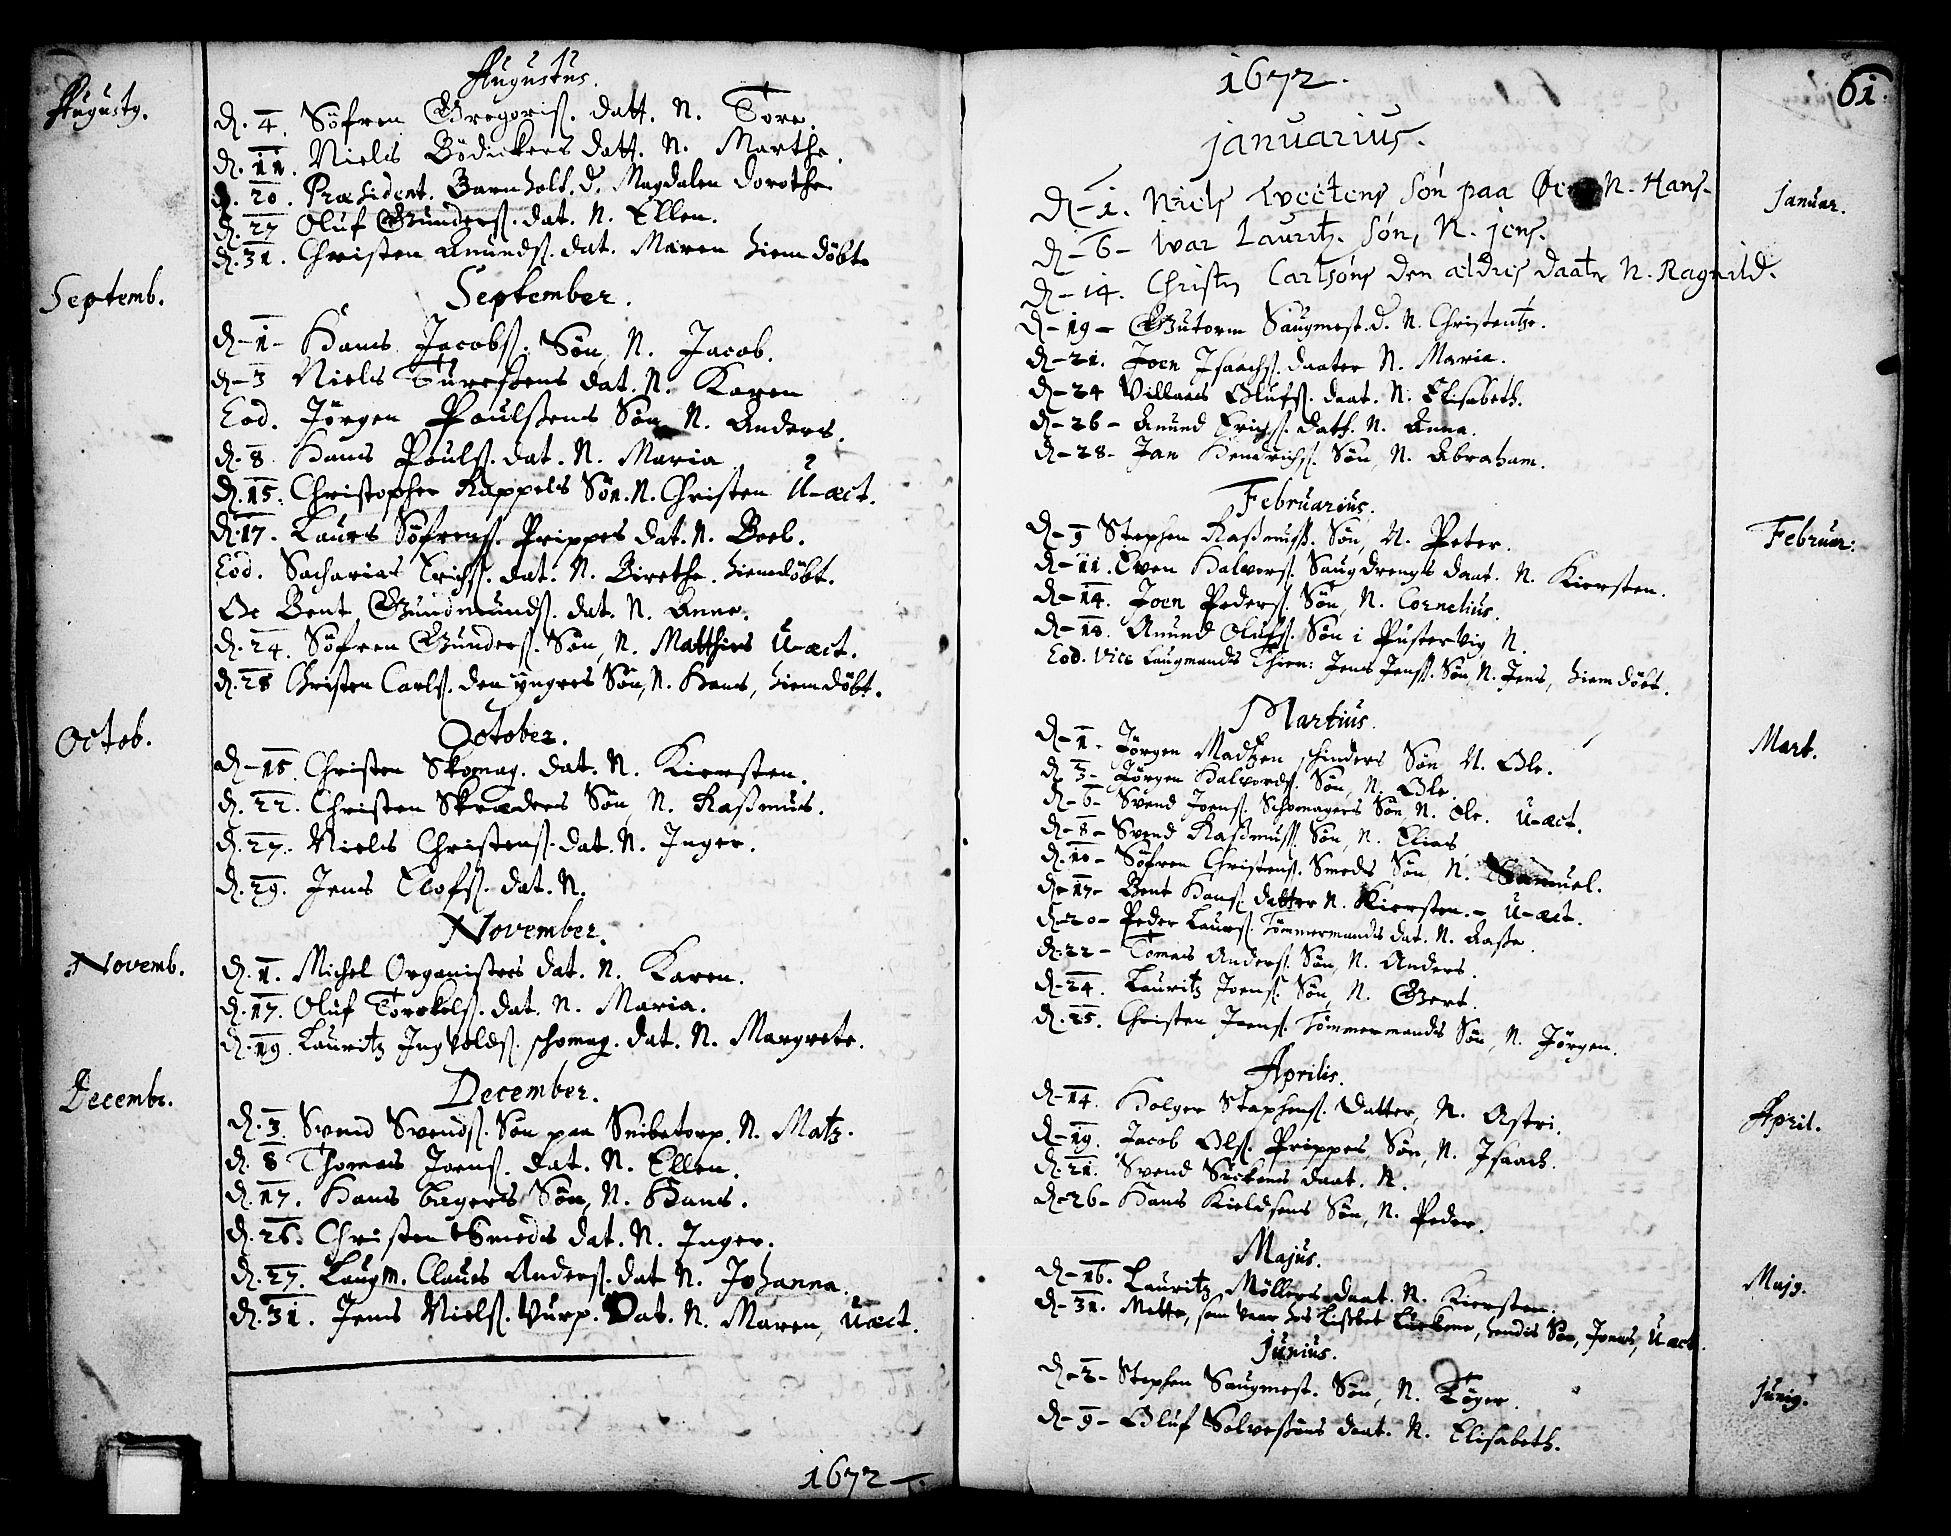 SAKO, Skien kirkebøker, F/Fa/L0001: Ministerialbok nr. 1, 1659-1679, s. 61